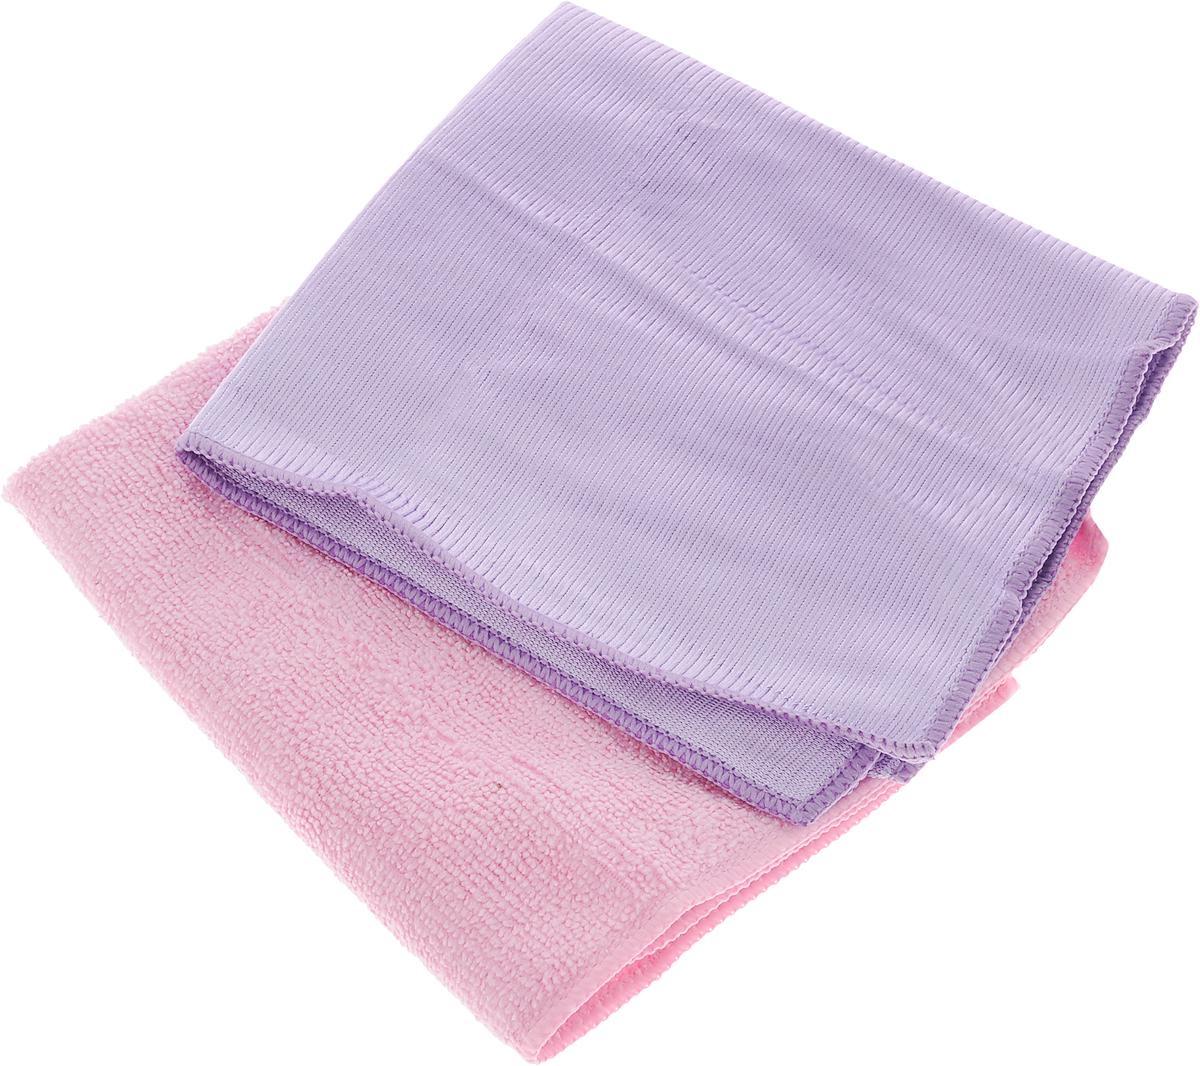 Салфетка Чистюля, цвет: сиреневый, розовый, 35 х 35 см, 2 штМФ011_сиреневый, розовыйСалфетка Чистюля выполнена из микрофибры (полиэстер и полиамид). Изделие отлично впитывает влагу, не оставляет разводов, быстро сохнет, сохраняет яркость цвета и не теряет форму даже после многократных стирок. Салфетка подходит для мытья окон и зеркал. Протертая поверхность становится идеально чистой, сухой и блестящей. Такая салфетка очень практична и неприхотлива в уходе. Размер салфетки: 35 х 35 см.